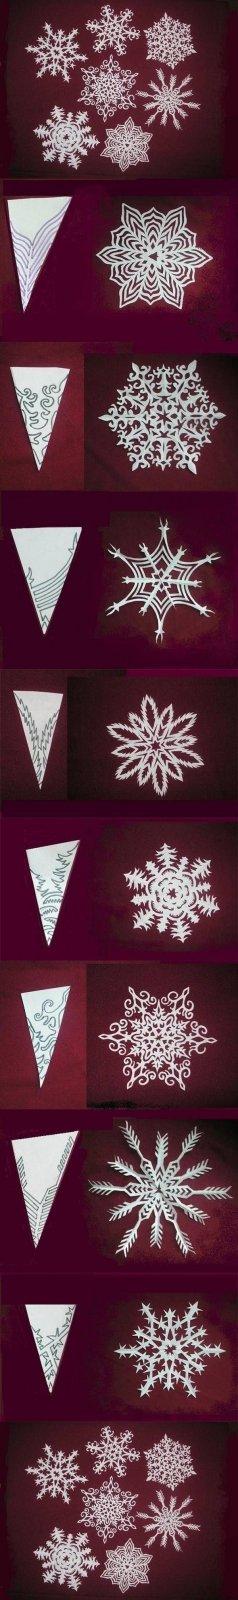 Weihnachtsschmuck basteln - Bastelideen für Weihnachten - Weihnachtsbasteln - Dekoideen Weihnachten - Weihnachtsdeko selber machen - Weihnachts Deko basteln - Schneeflocken basteln - Papier basteln